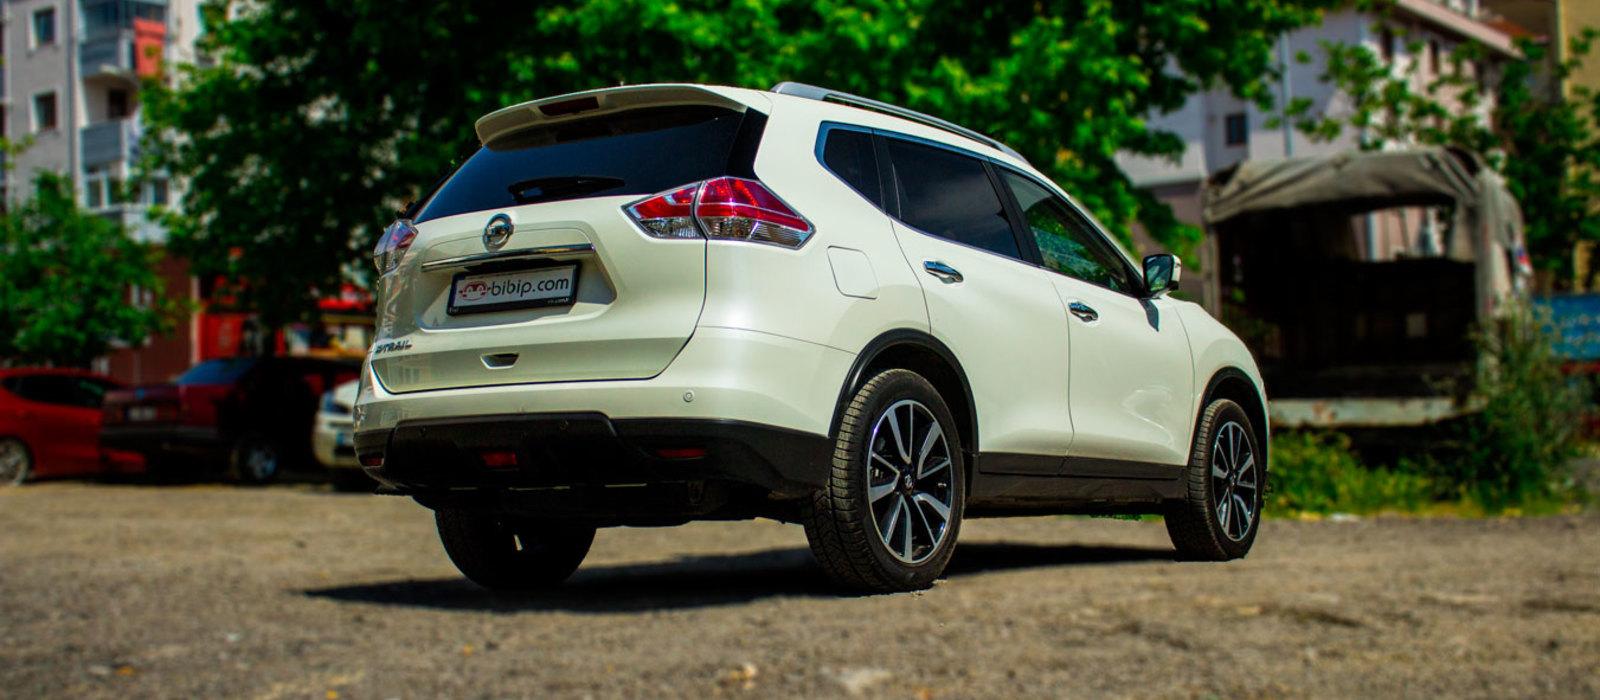 ikinci el araba 2015 Nissan X-Trail 1.6 dCi Platinum Premium Dizel Otomatik 46000 KM 4